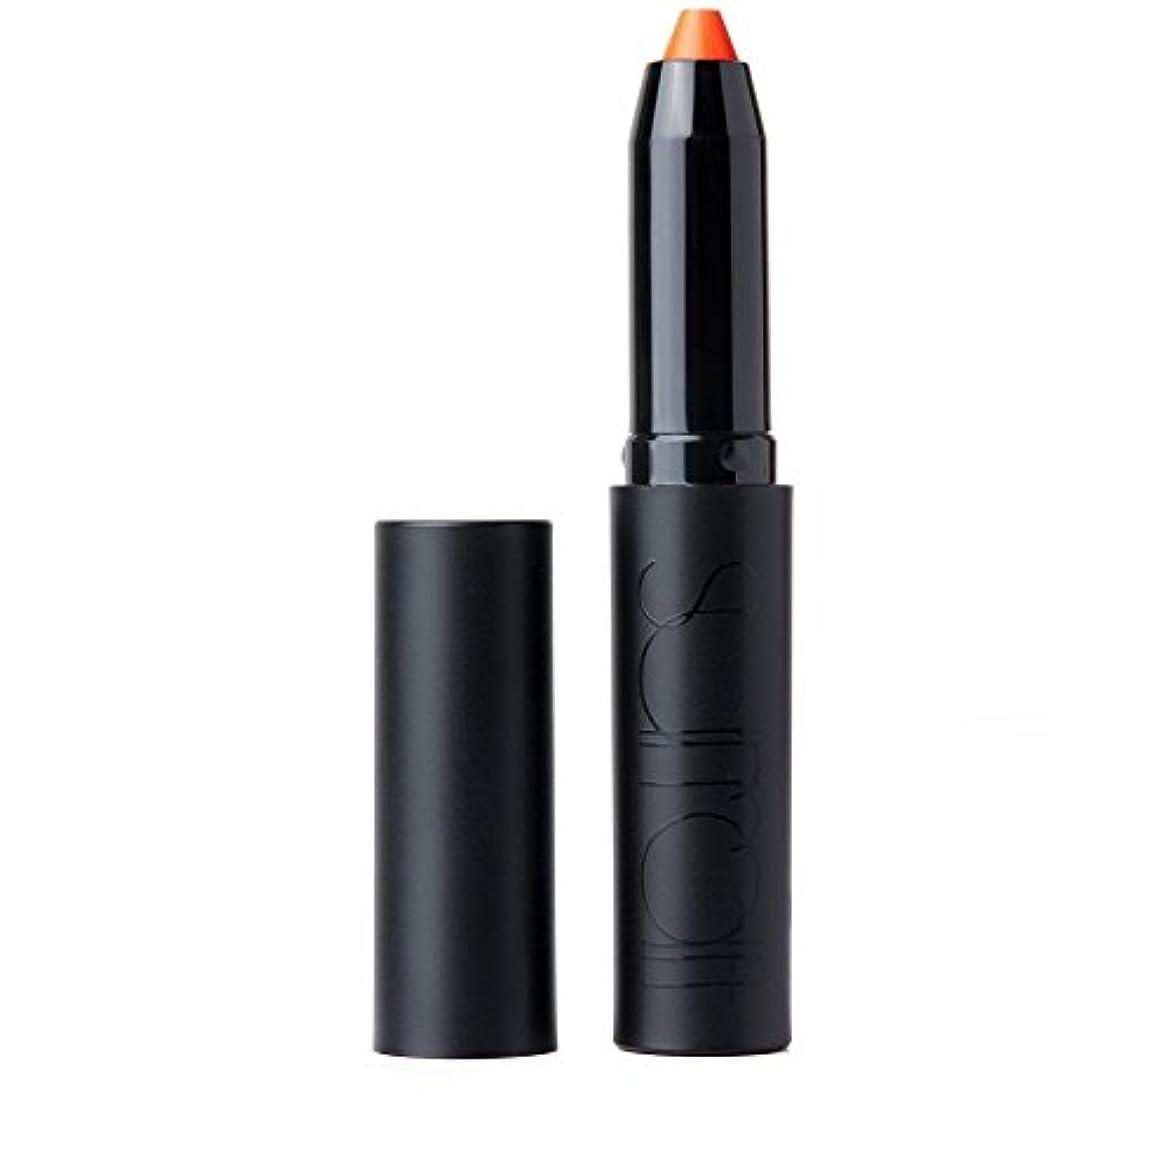 北西モック動機付けるリップクレヨン11クレメンタイン x4 - Surratt Lip Crayon 11 Clementine (Pack of 4) [並行輸入品]